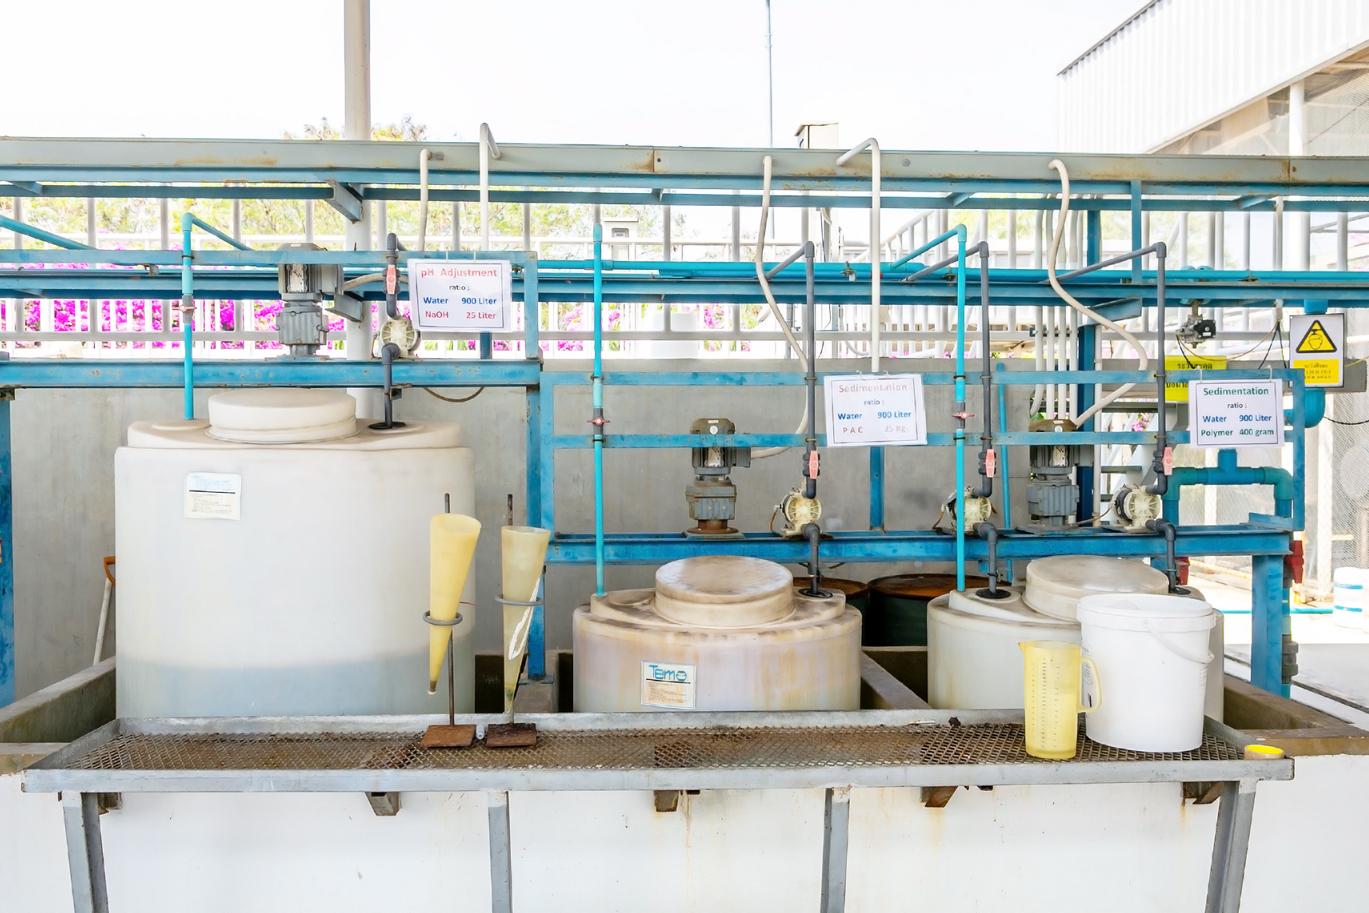 排水にPh調整剤や凝集剤を投入し、排水内の粒子を結合させる。こうすることで排水内の不純物(スラッジ)を沈殿させる